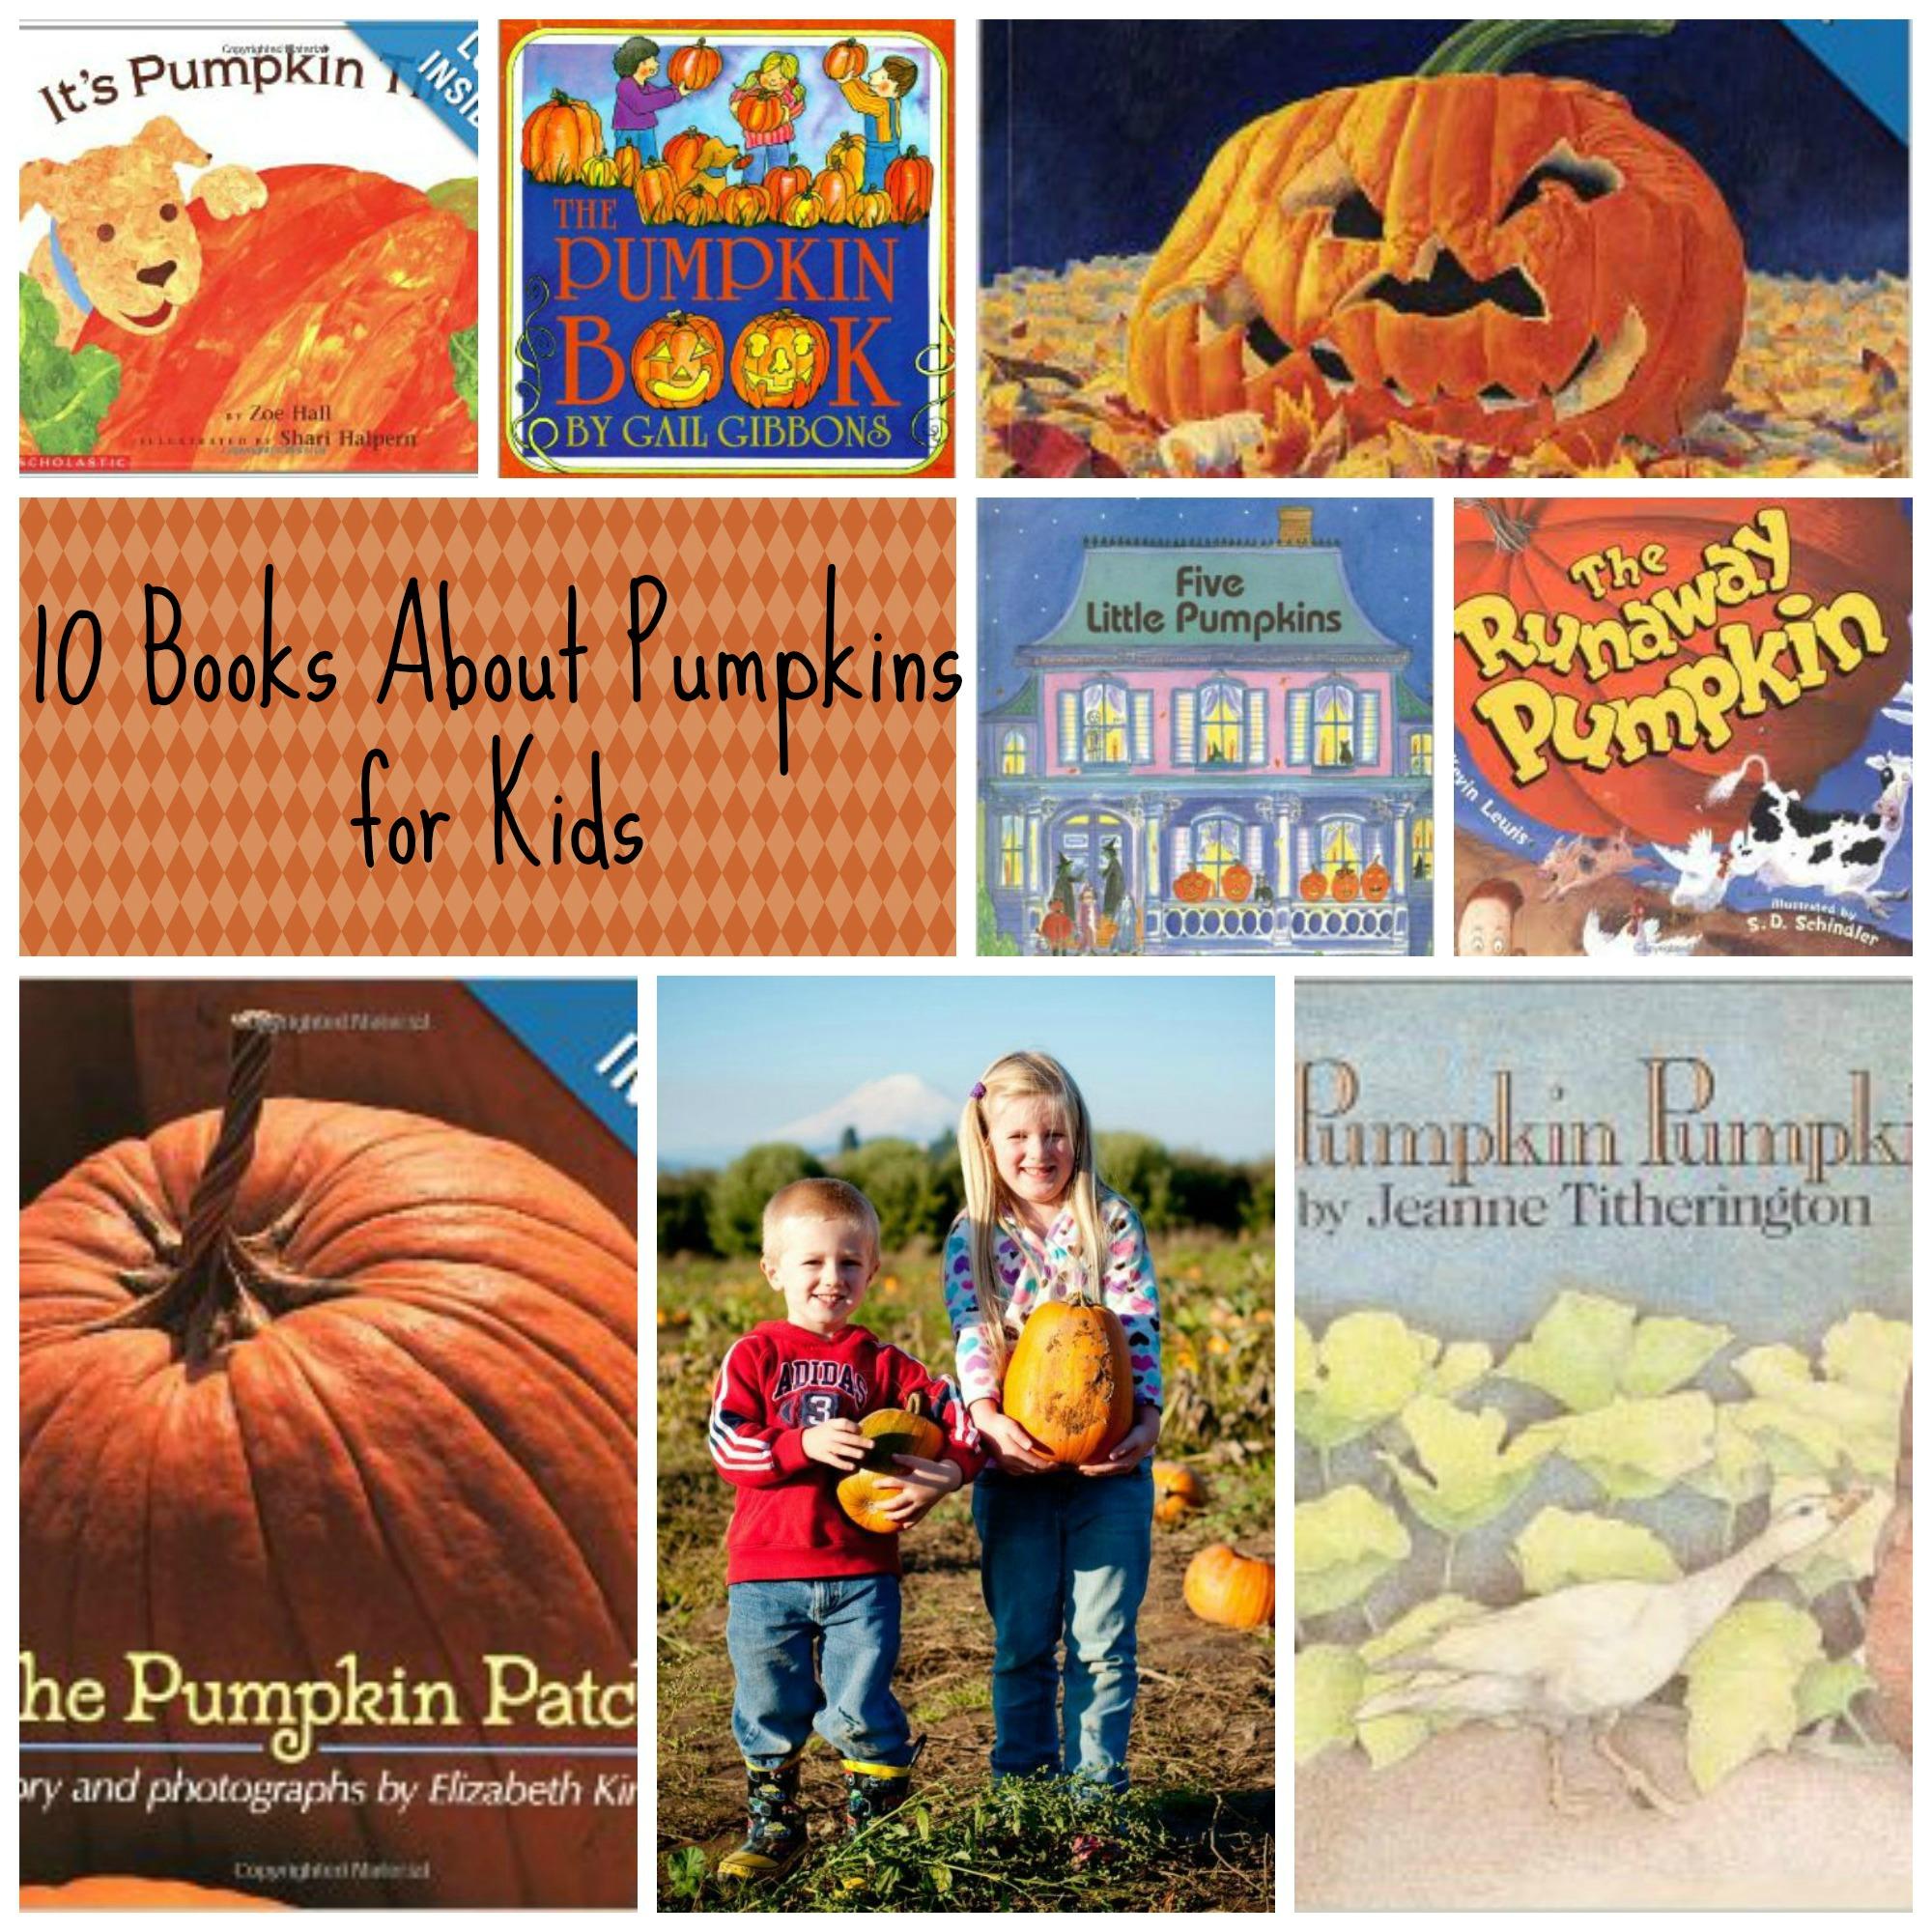 10  Books About Pumpkins for Kids – Pumpkin Preschool Books